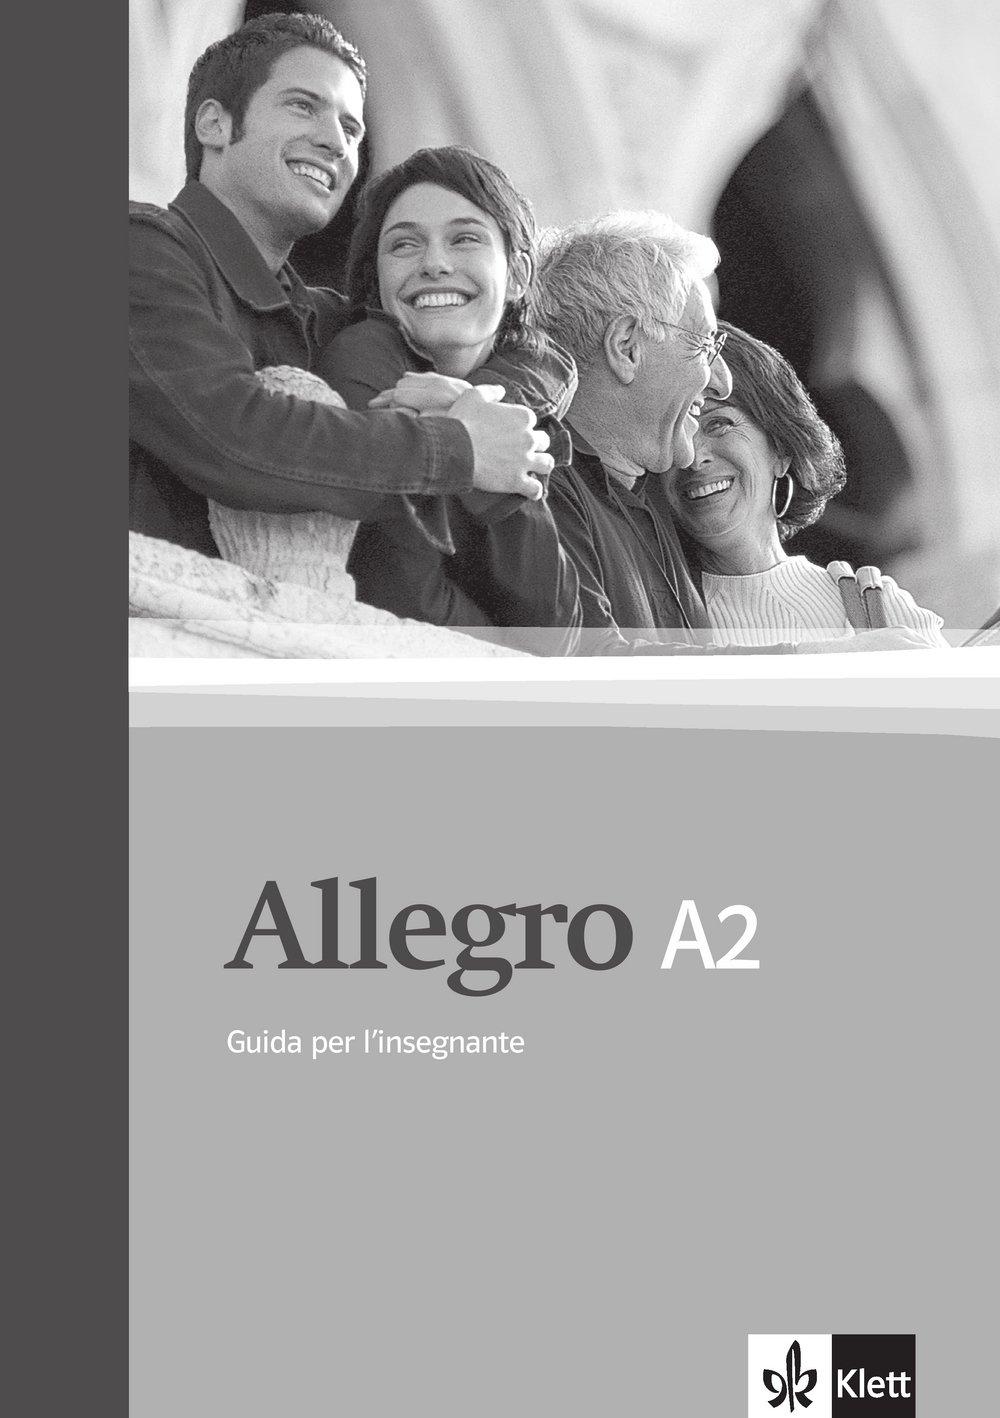 Allegro A2: Guida per l'insegnante